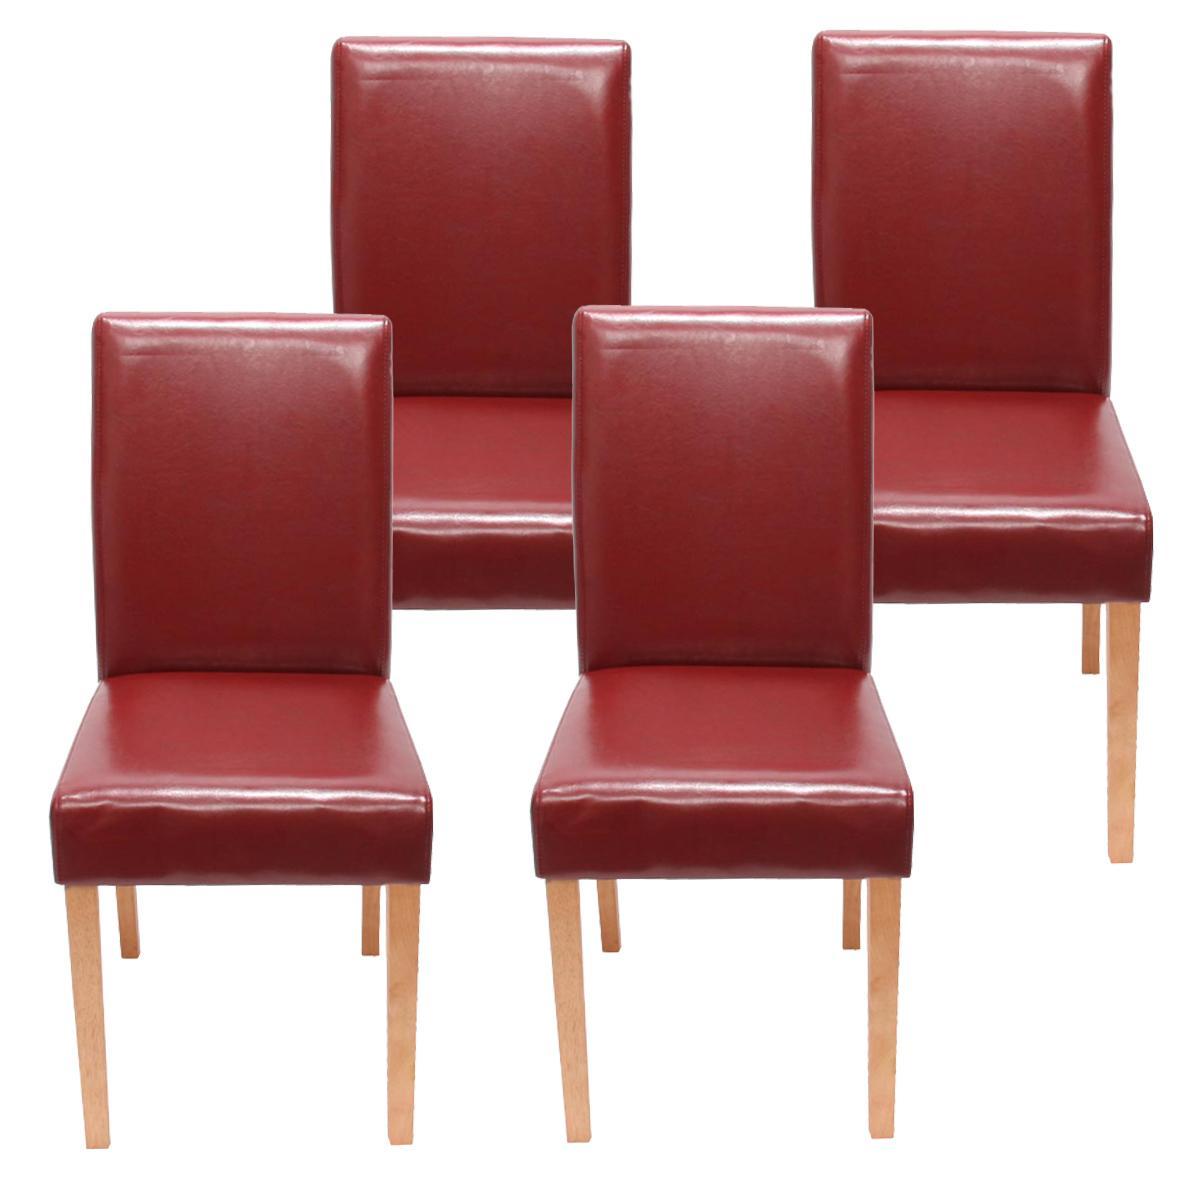 Conjunto 4 sillas de comedor litau precioso dise o piel for Sillas de piel para comedor